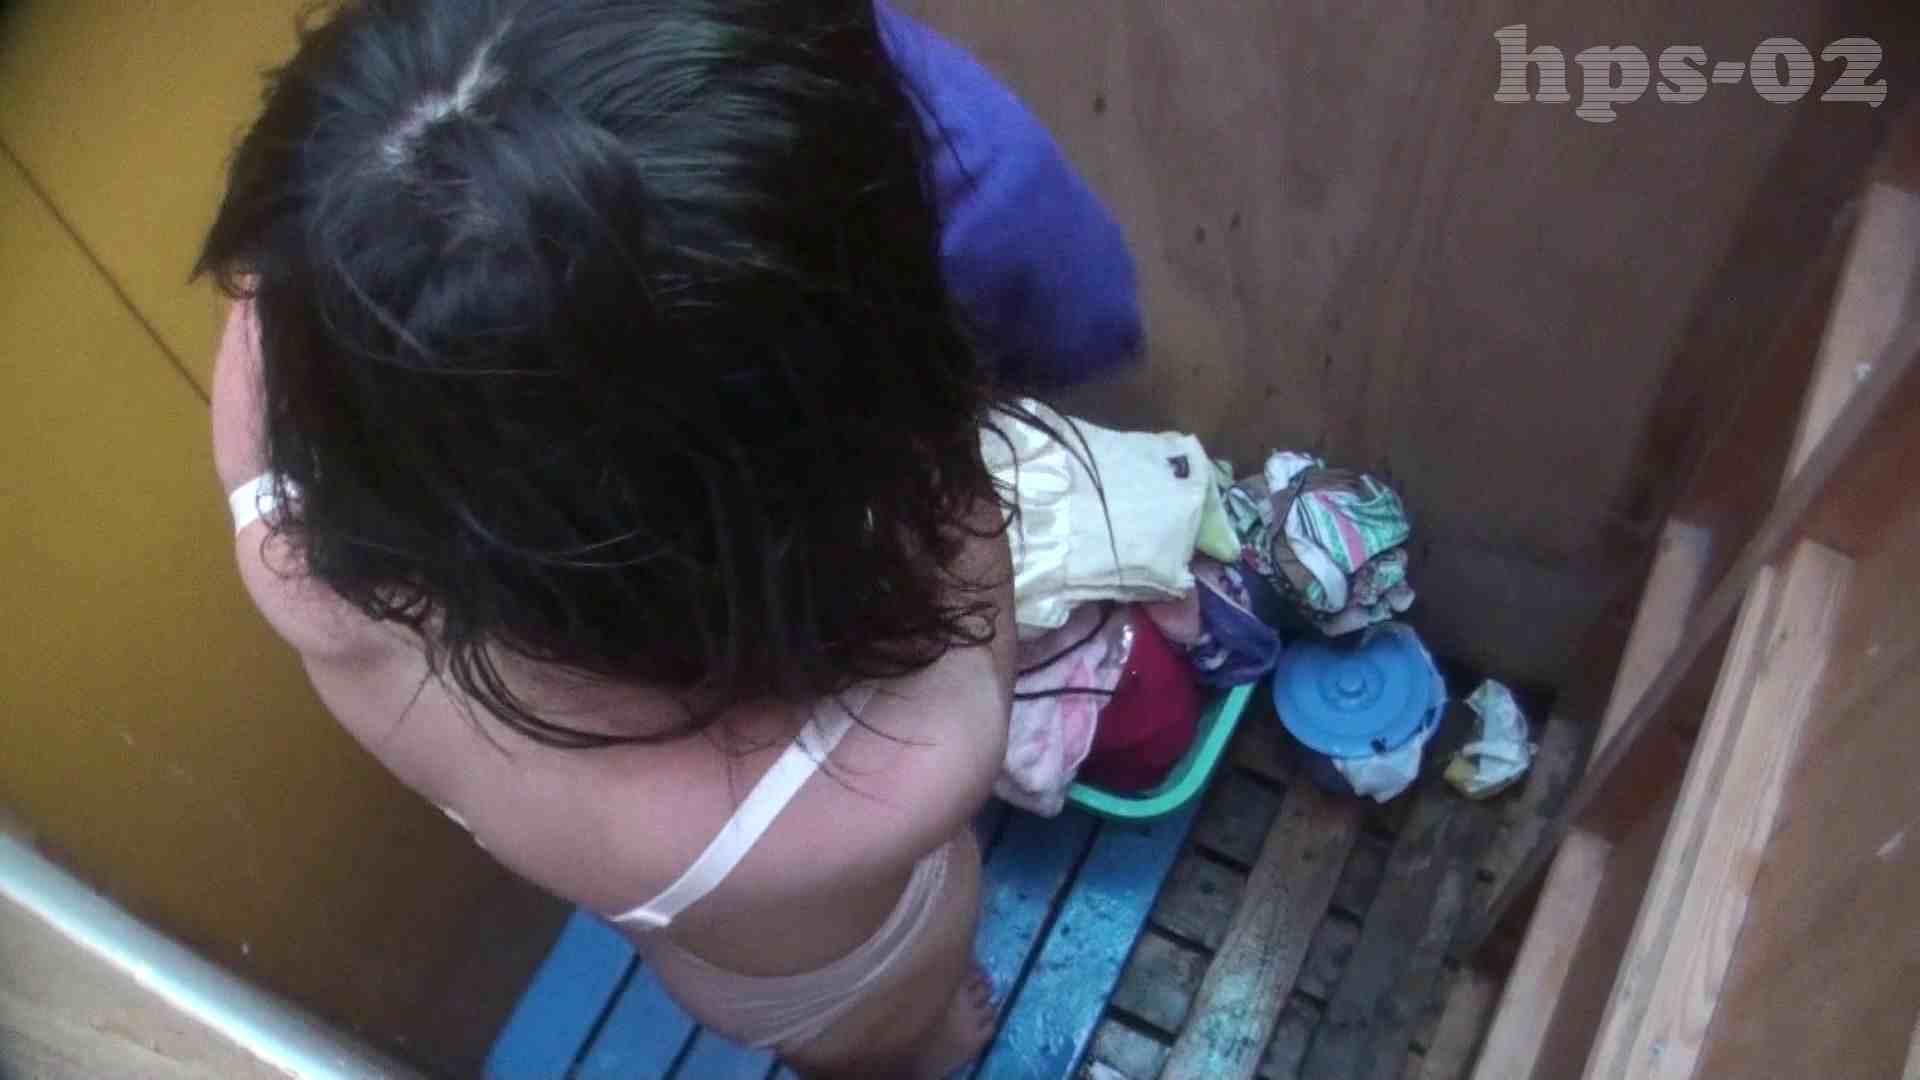 シャワールームは超!!危険な香りVol.2 カメラに目線をやるのですがまったく気が付きません。 美女OL セックス画像 40連発 32